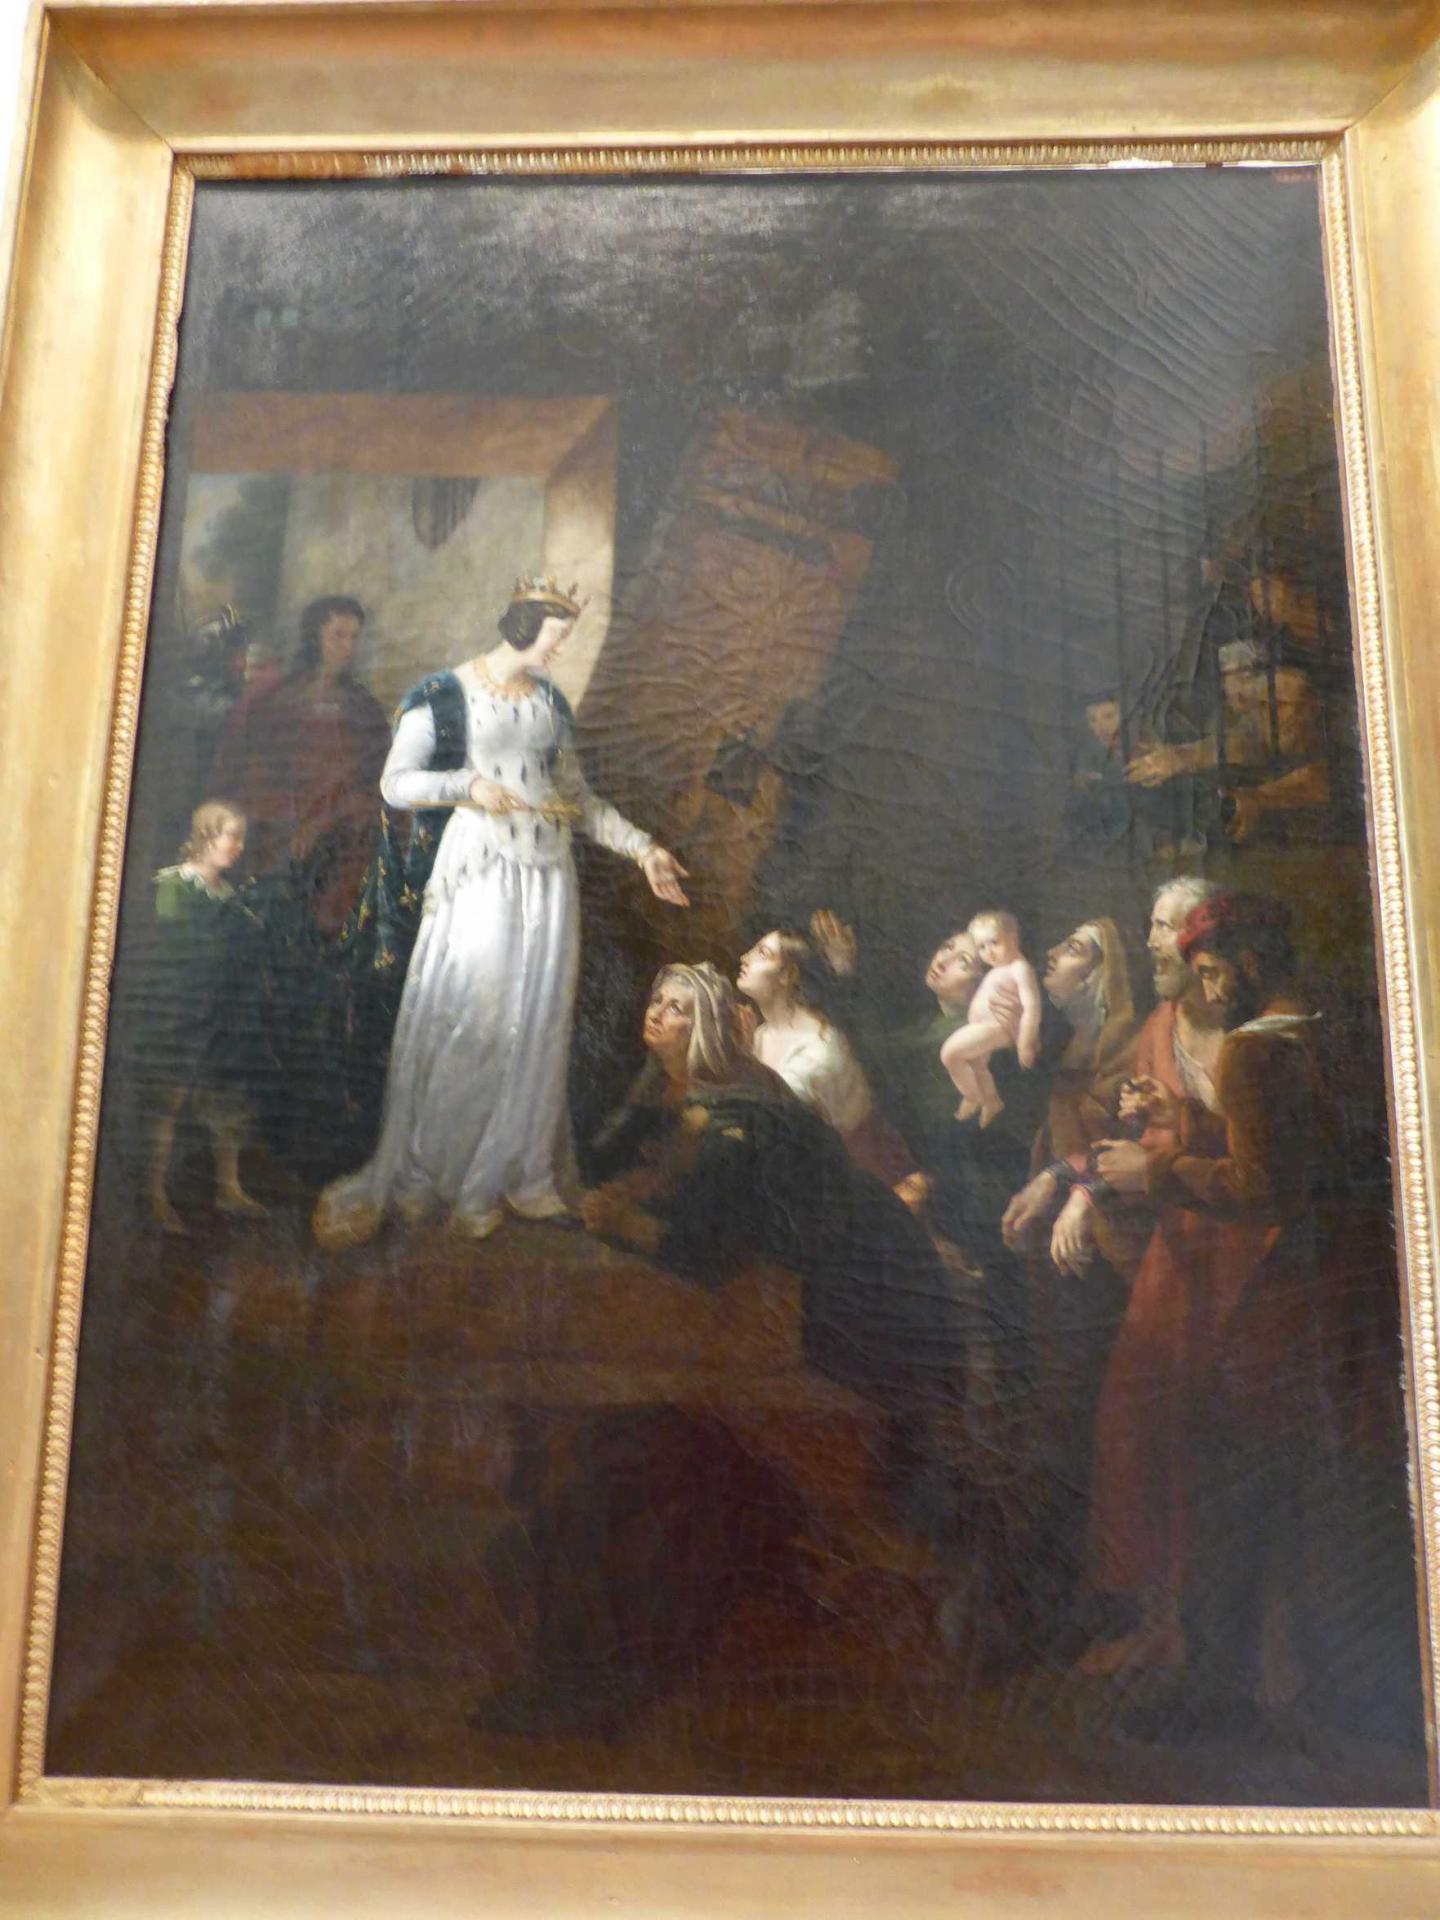 Eugénie Servières, La reine Blanche, mère de saint-Louis, délivrant les prisonniers, 1818-1819, Libourne, Musée municipal (cl. Ph. Cachau)